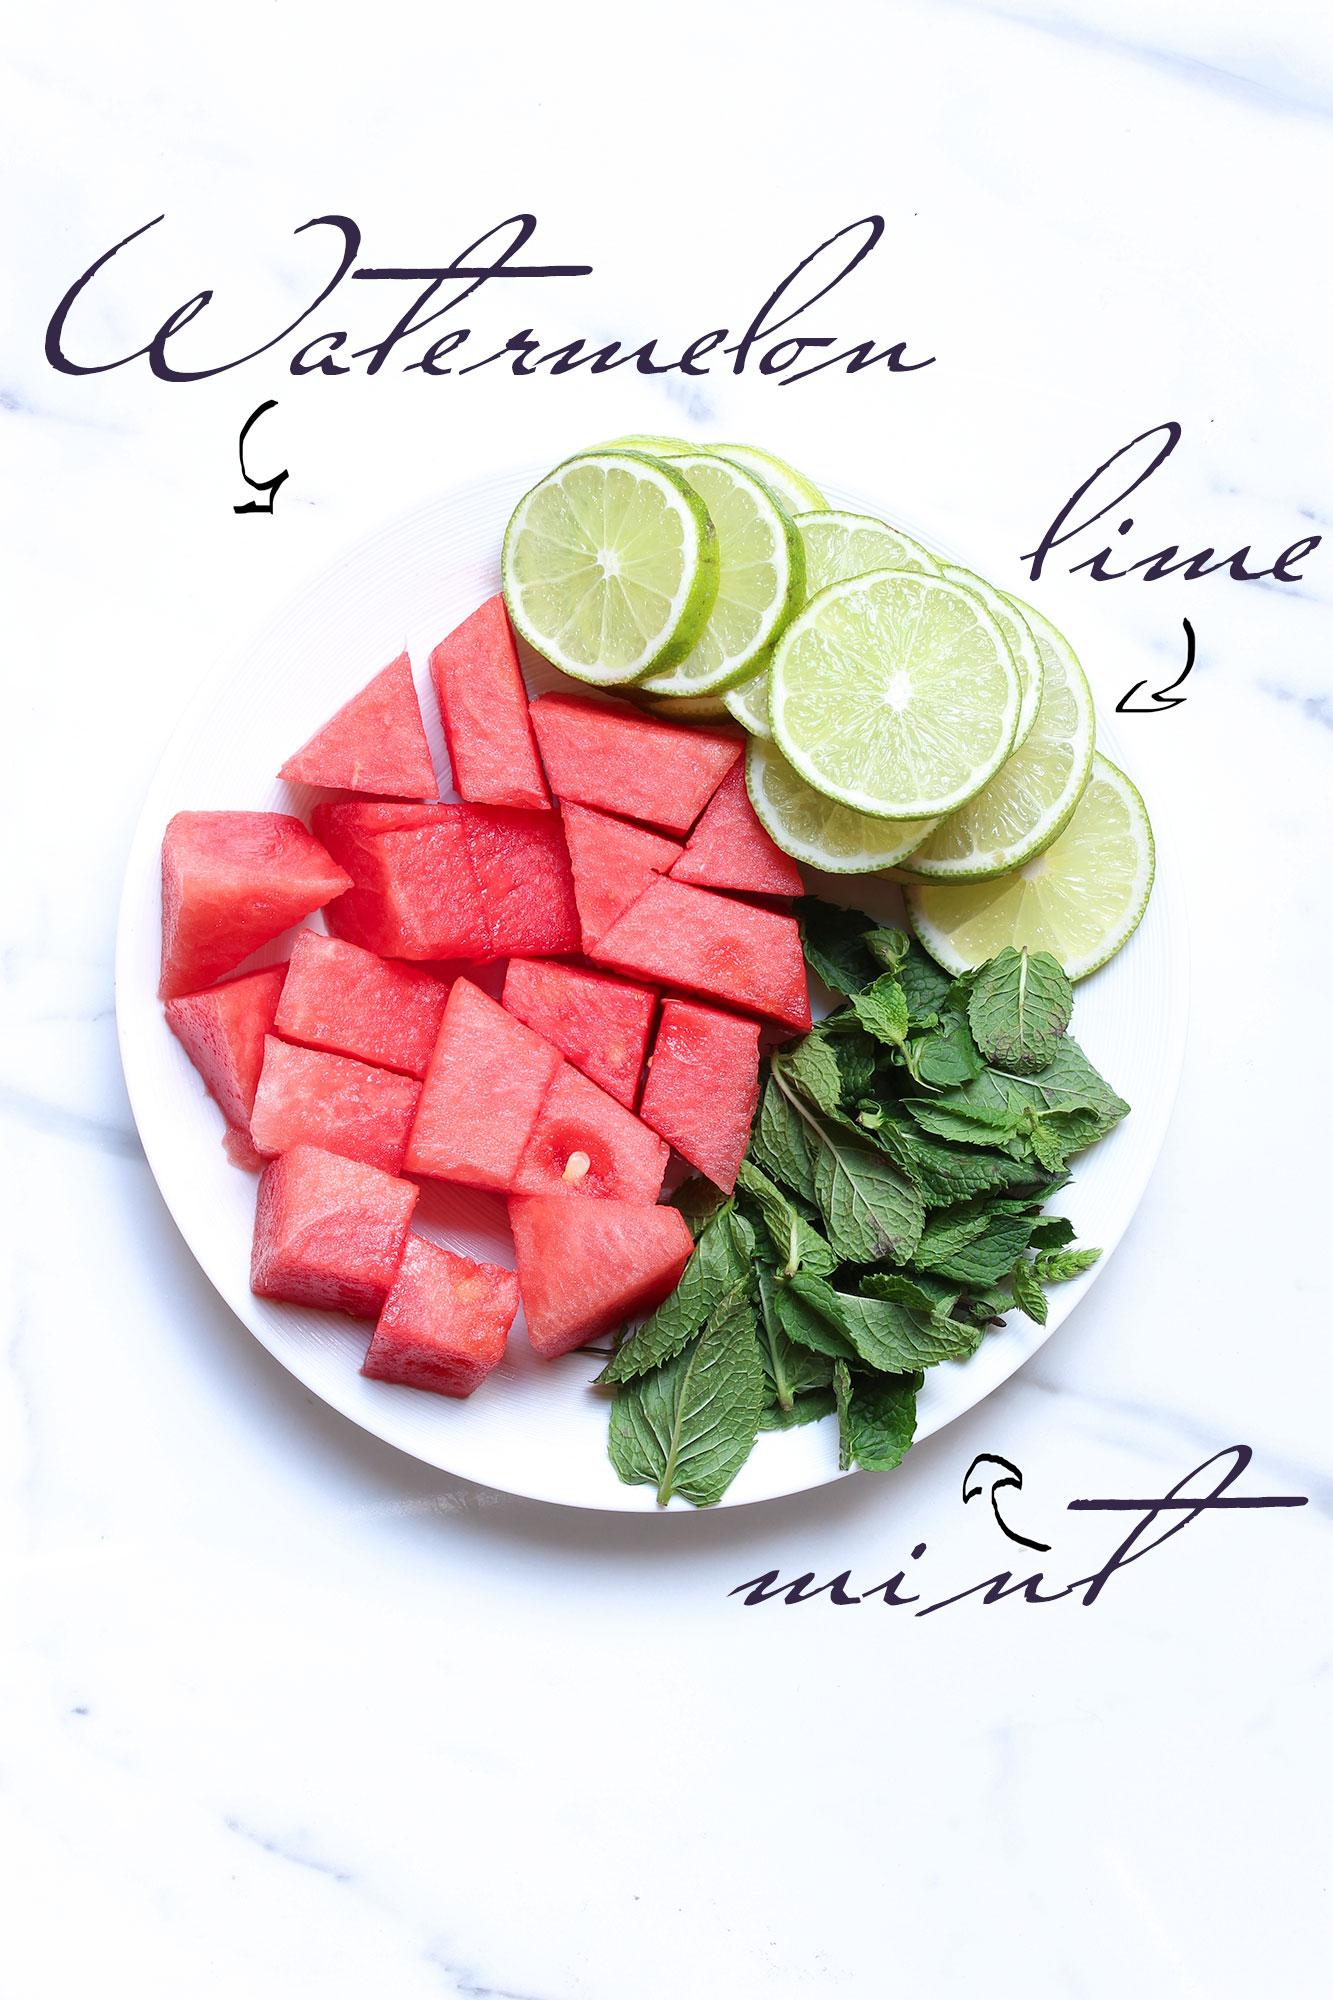 watermelon, cocktail , drink , cooler, healthy, bassinet, santé, pasteque, citron vert, granité, rafraichissant, boisson, antyoxydant, melon d'eau, mint, menthe, lime, crushed ice, kosher, recipe, recete, ingredients, yummy, food,